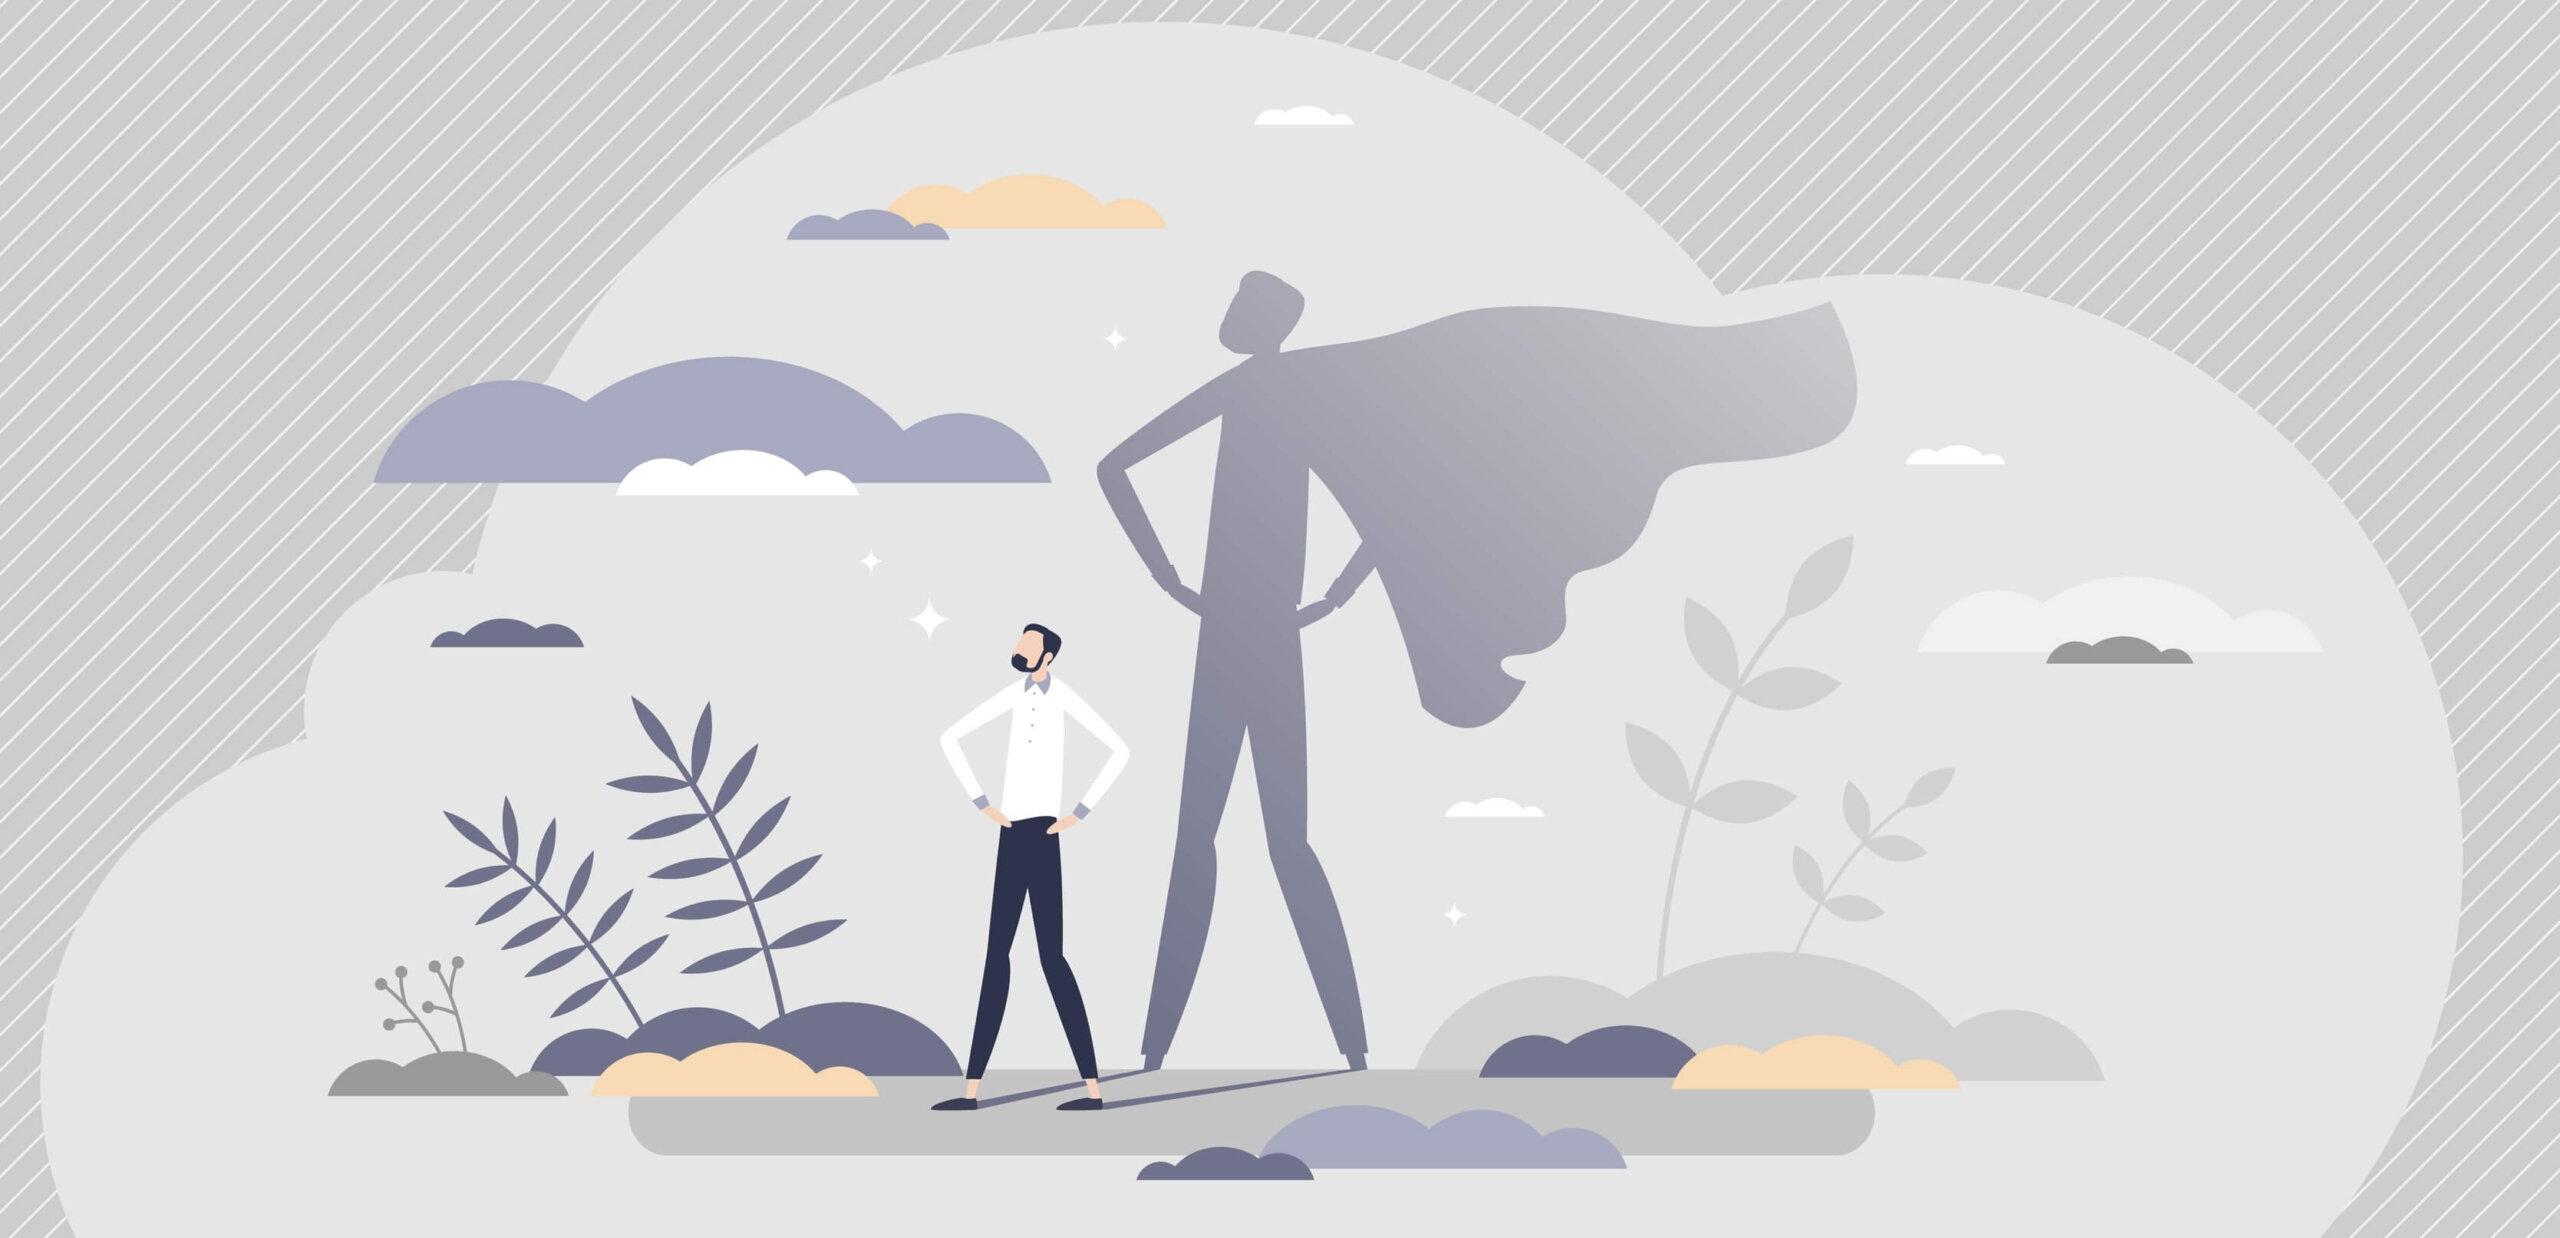 稼げるアフィリエイト商品(おすすめ商材)の選び方6つ【初心者向け】